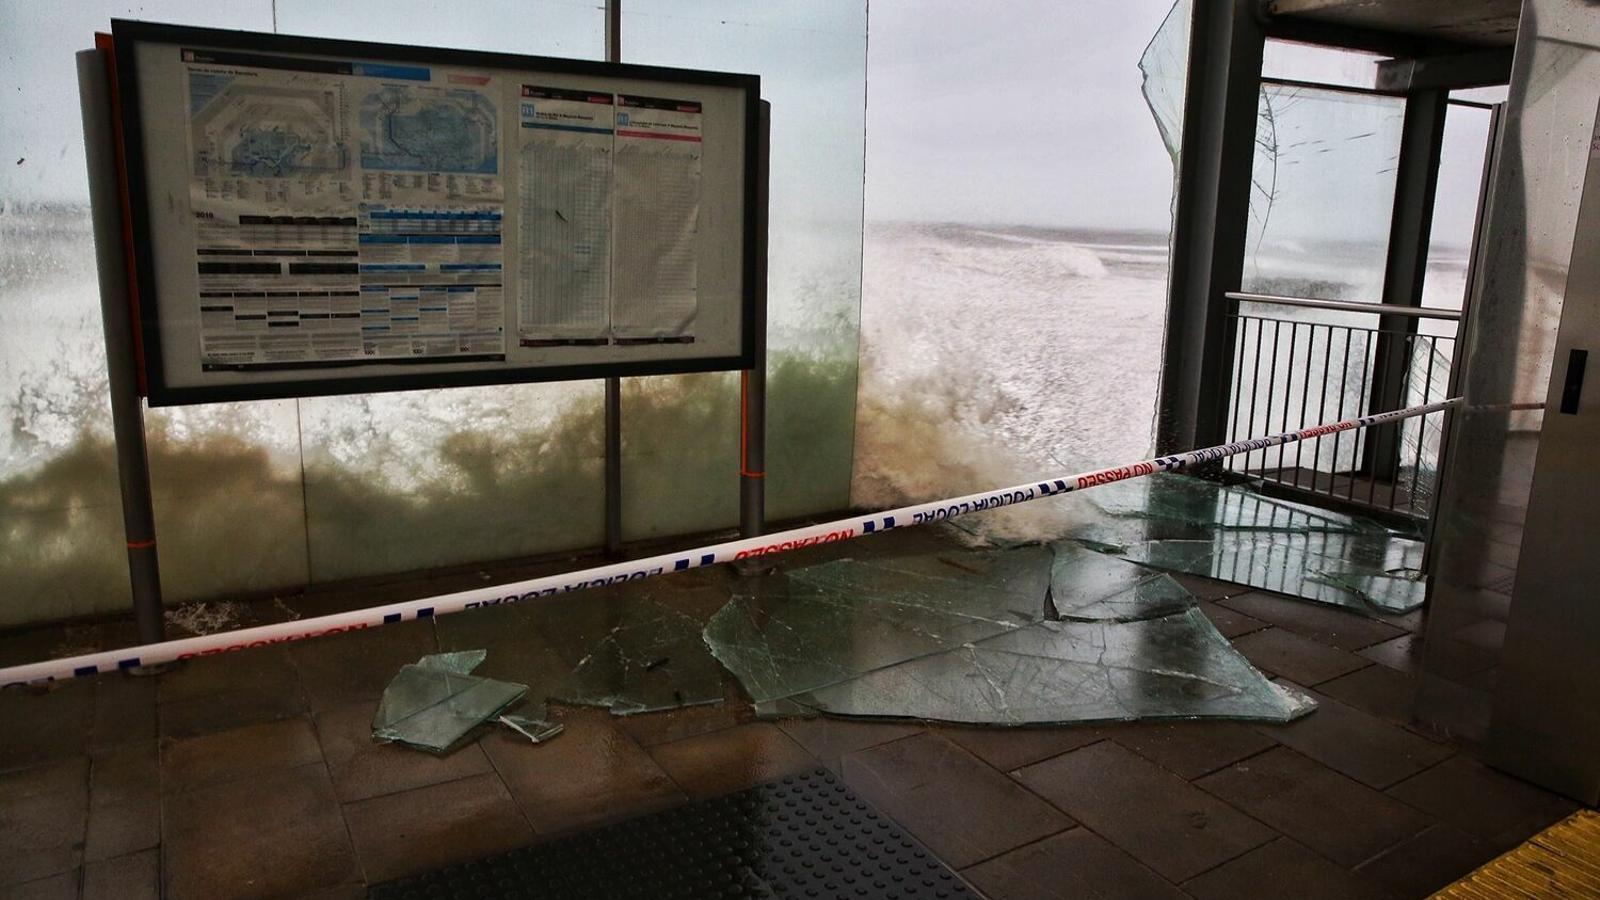 L'estació de trens de Rodalies a Premià de Mar va ser una de les grans afectades per les onades.